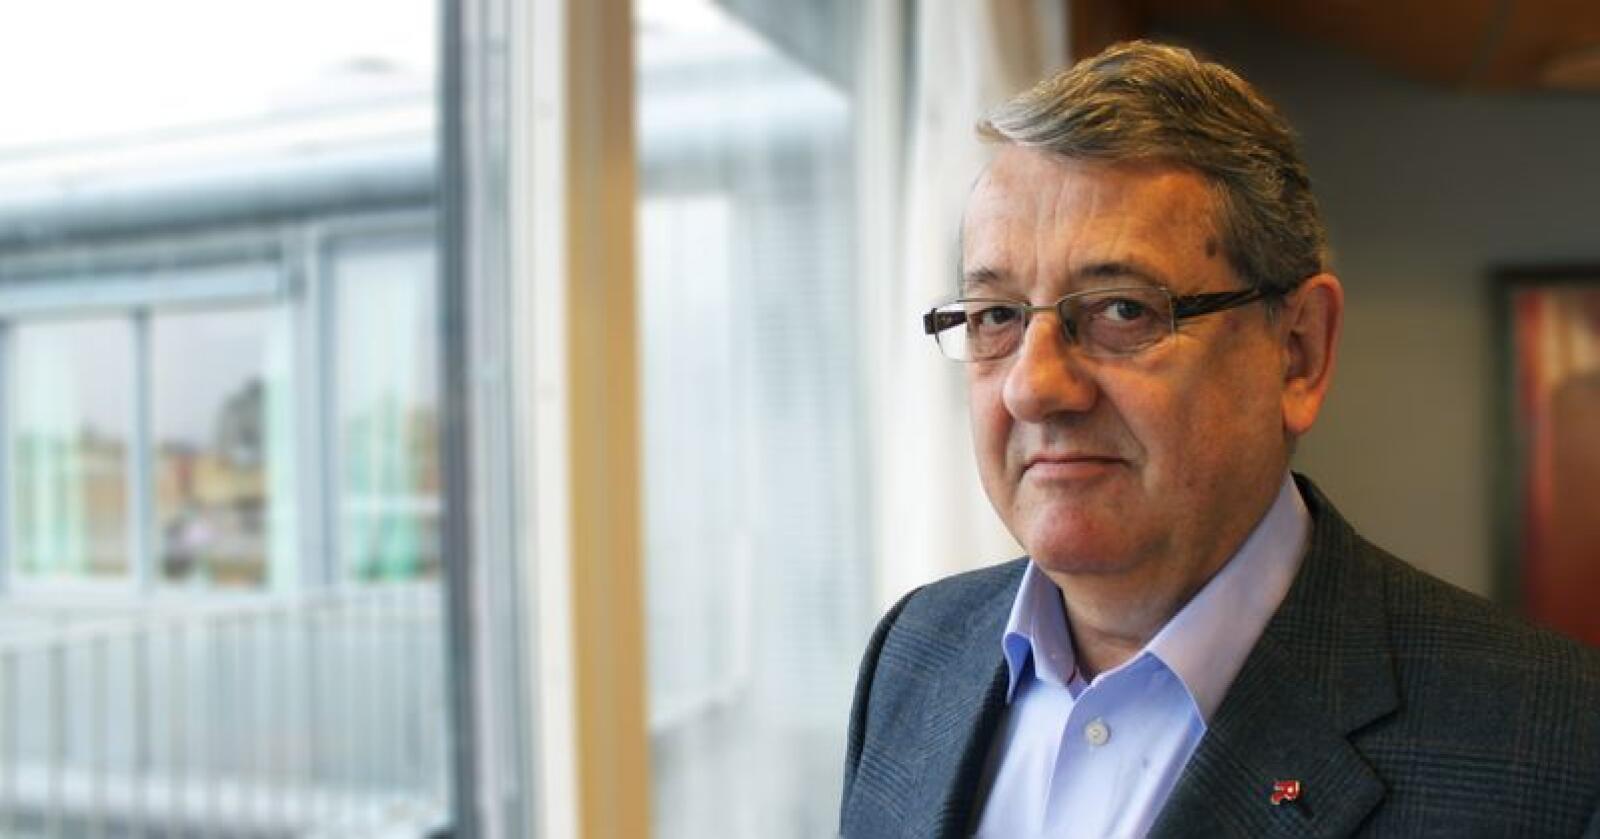 Riksrevisor Per-Kristian Foss har konkludert med at rovviltforvaltningen ikke fungerer etter hensikten. (Foto: Riksrevisjonen)